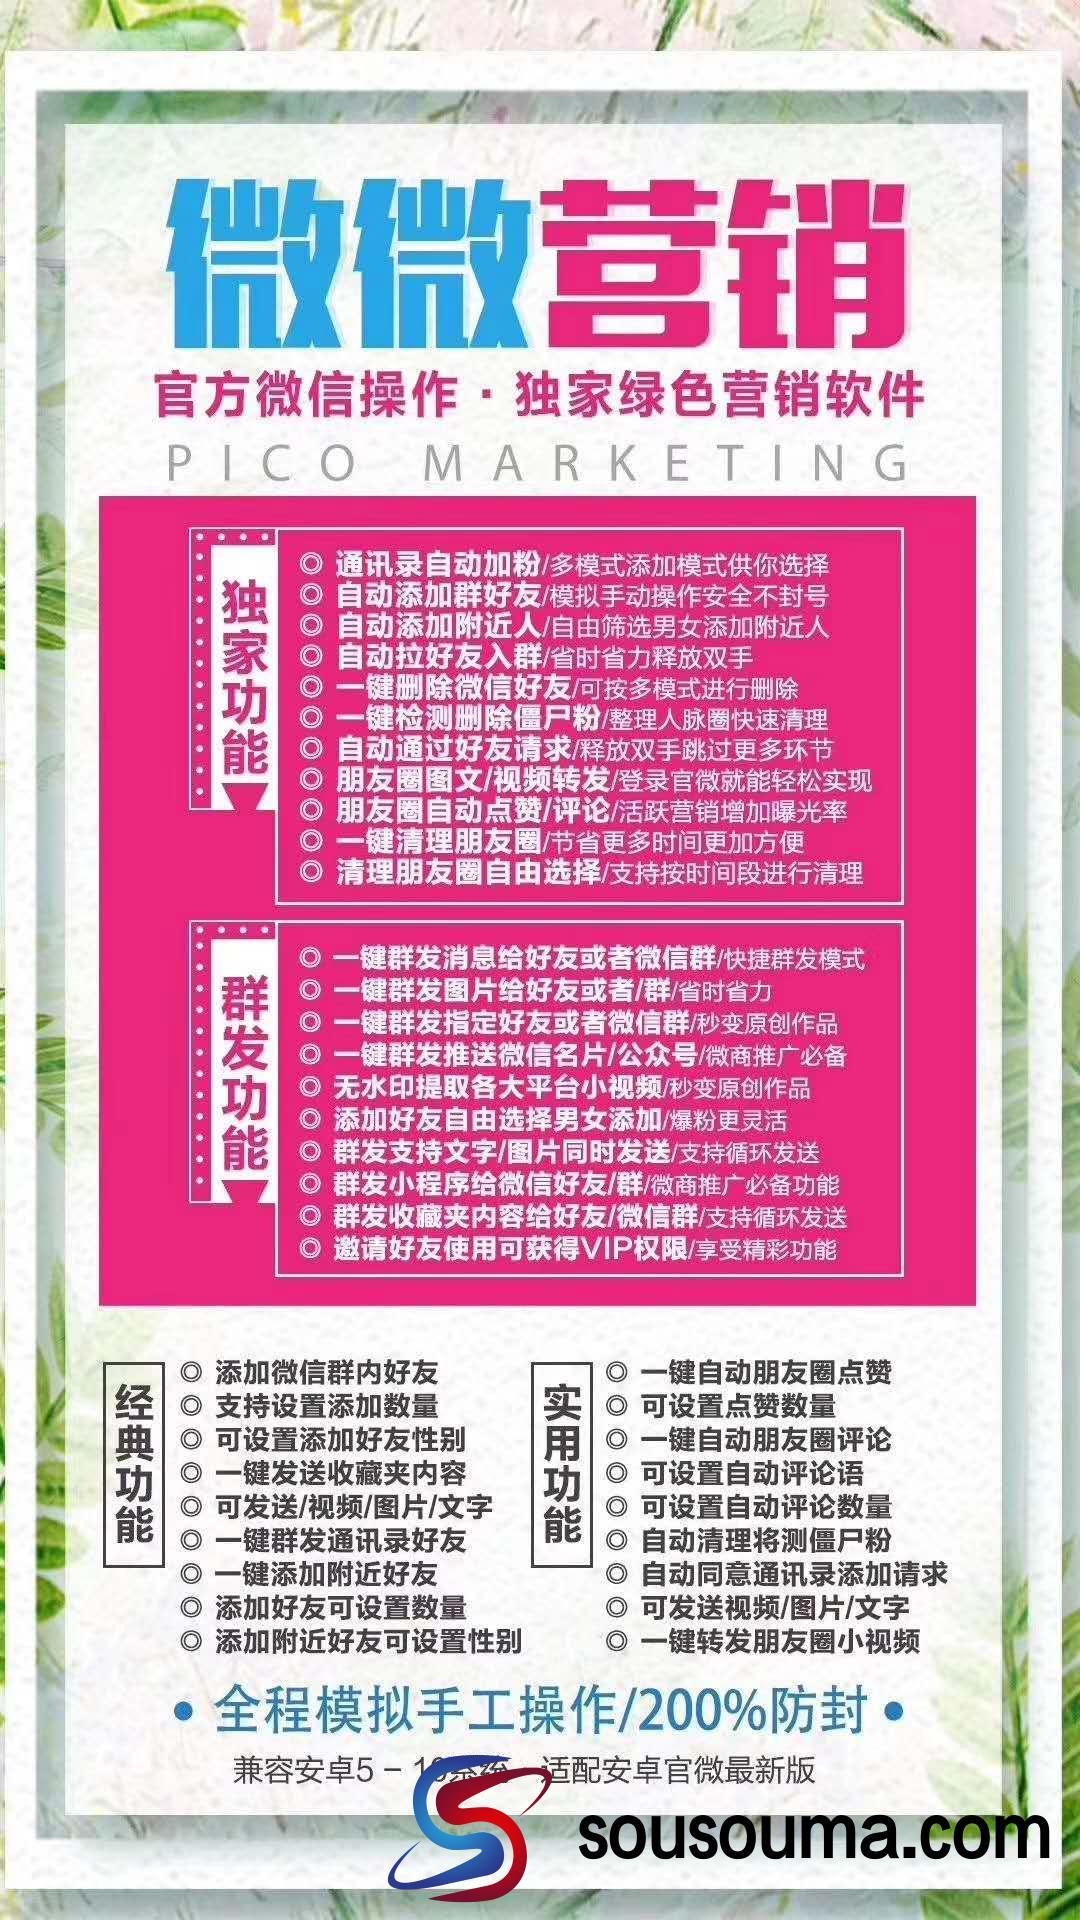 【微微营销官网】安卓辅助类 多功能营销软件 群发消息 群发图片 正版激活码 成为代理价格更低